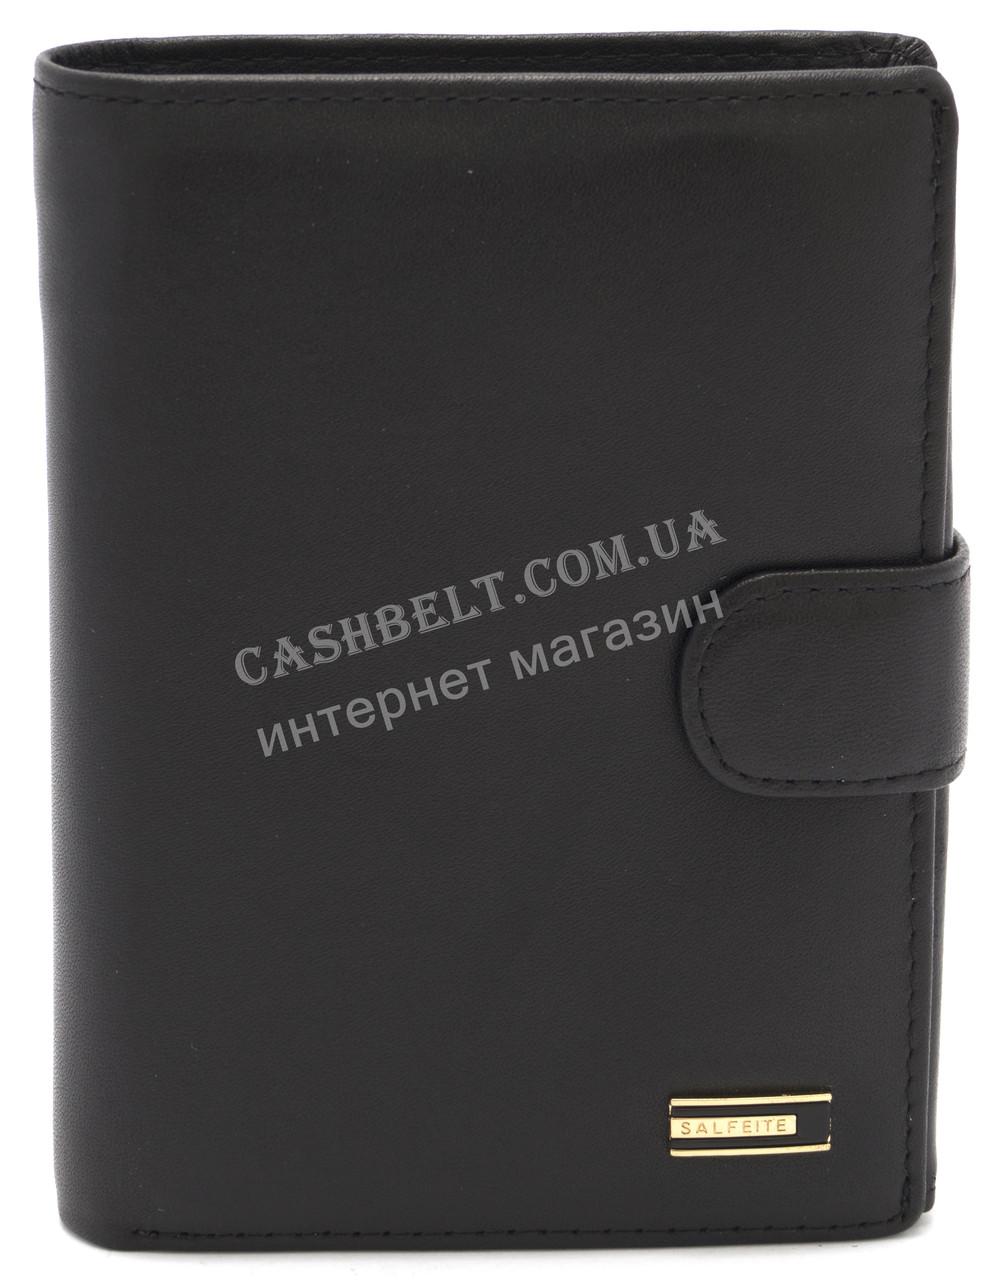 Стильный практичный кожаный мужской кошелек бумажник SALFEITE art. 8176N-BLK черного цвета